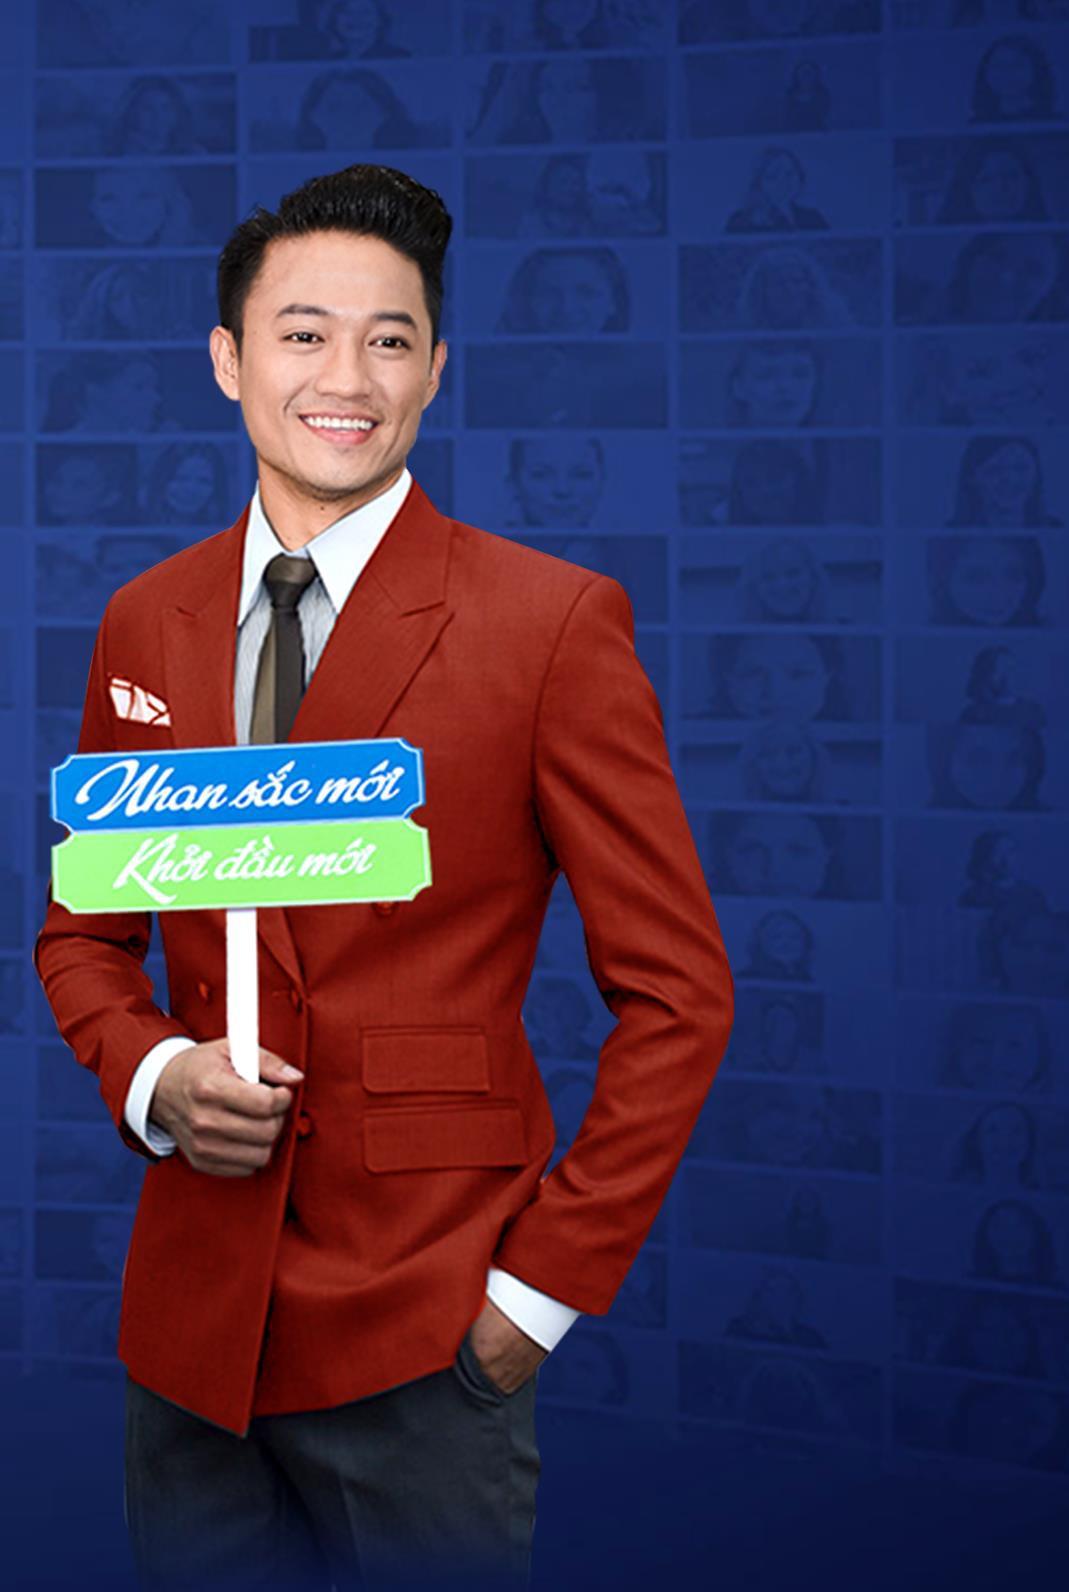 Trước ngày đại hôn, Quý Bình chạy show làm MC chương trình thẩm mỹ miễn phí - Ảnh 1.